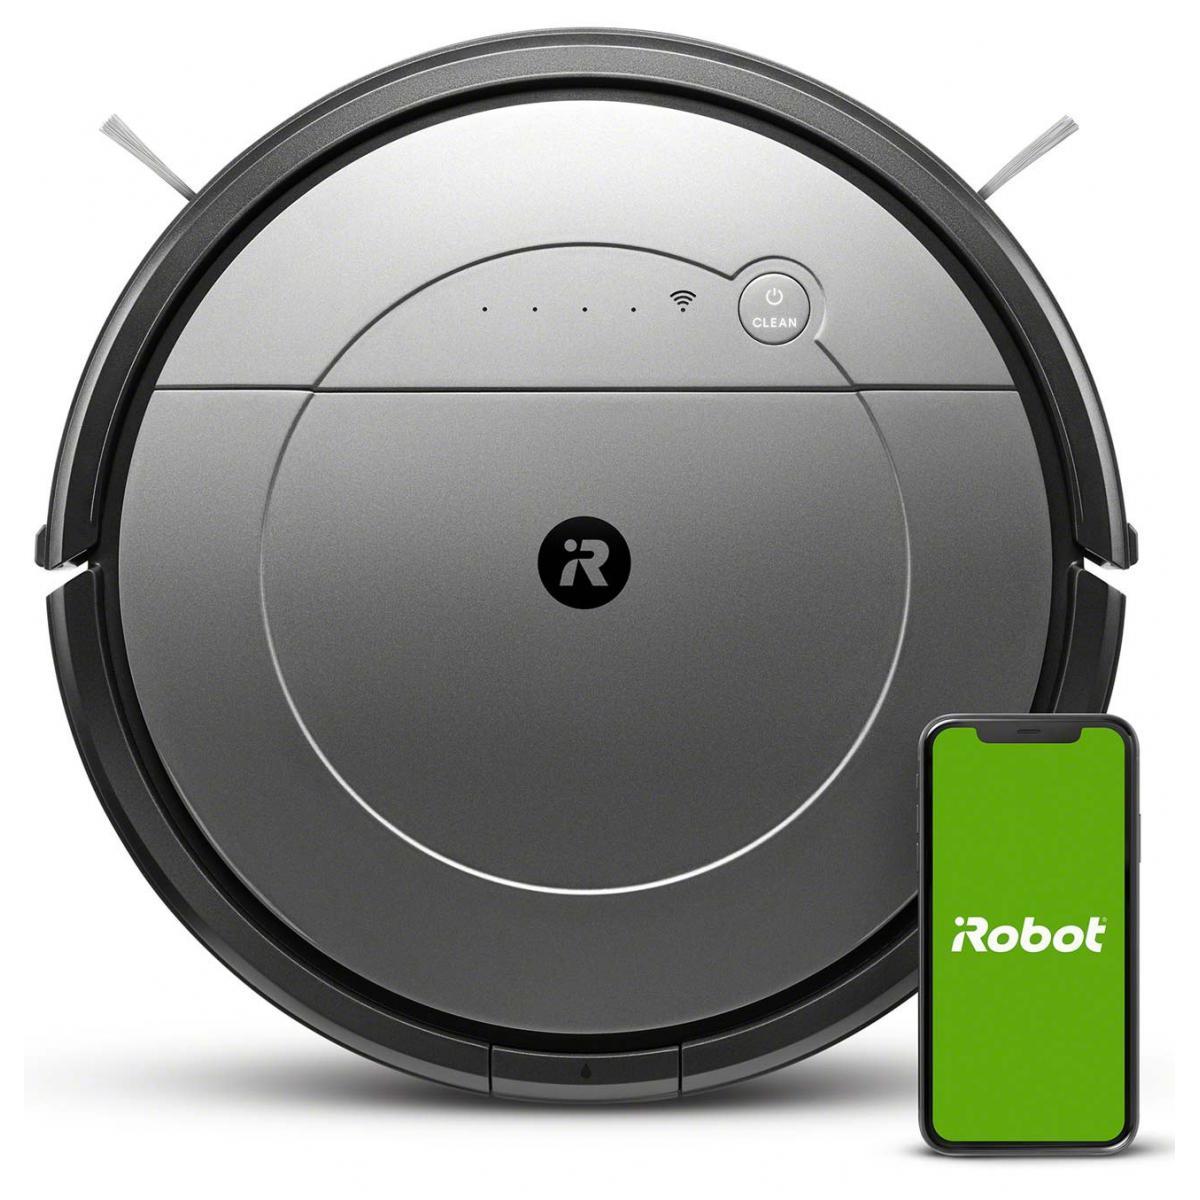 iRobot Aspirateur robot IROBOT R113840